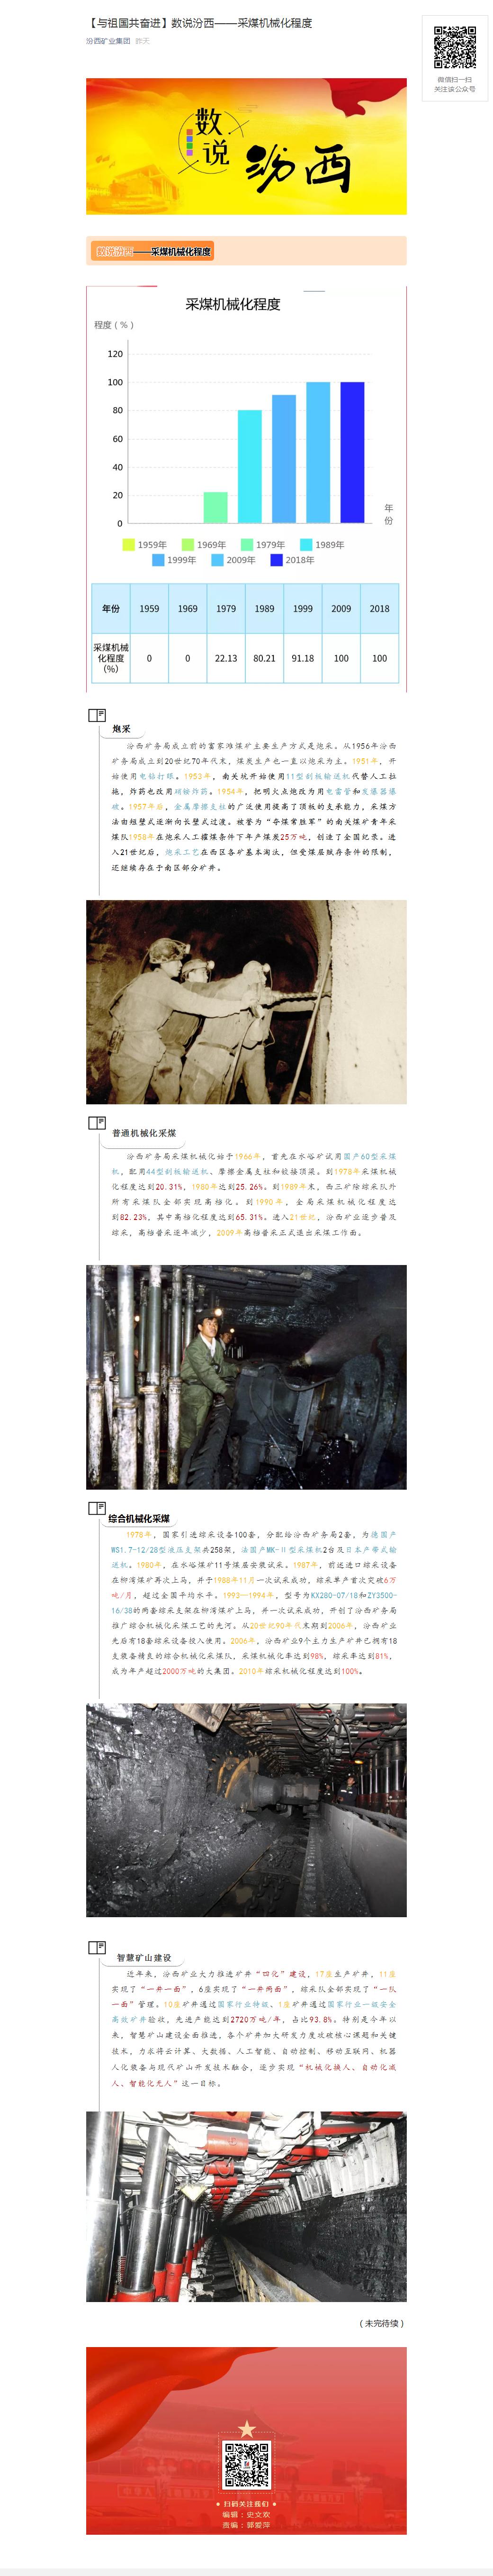 【与祖国共奋进】数说龙虎斗游戏——采煤机械化程度.png